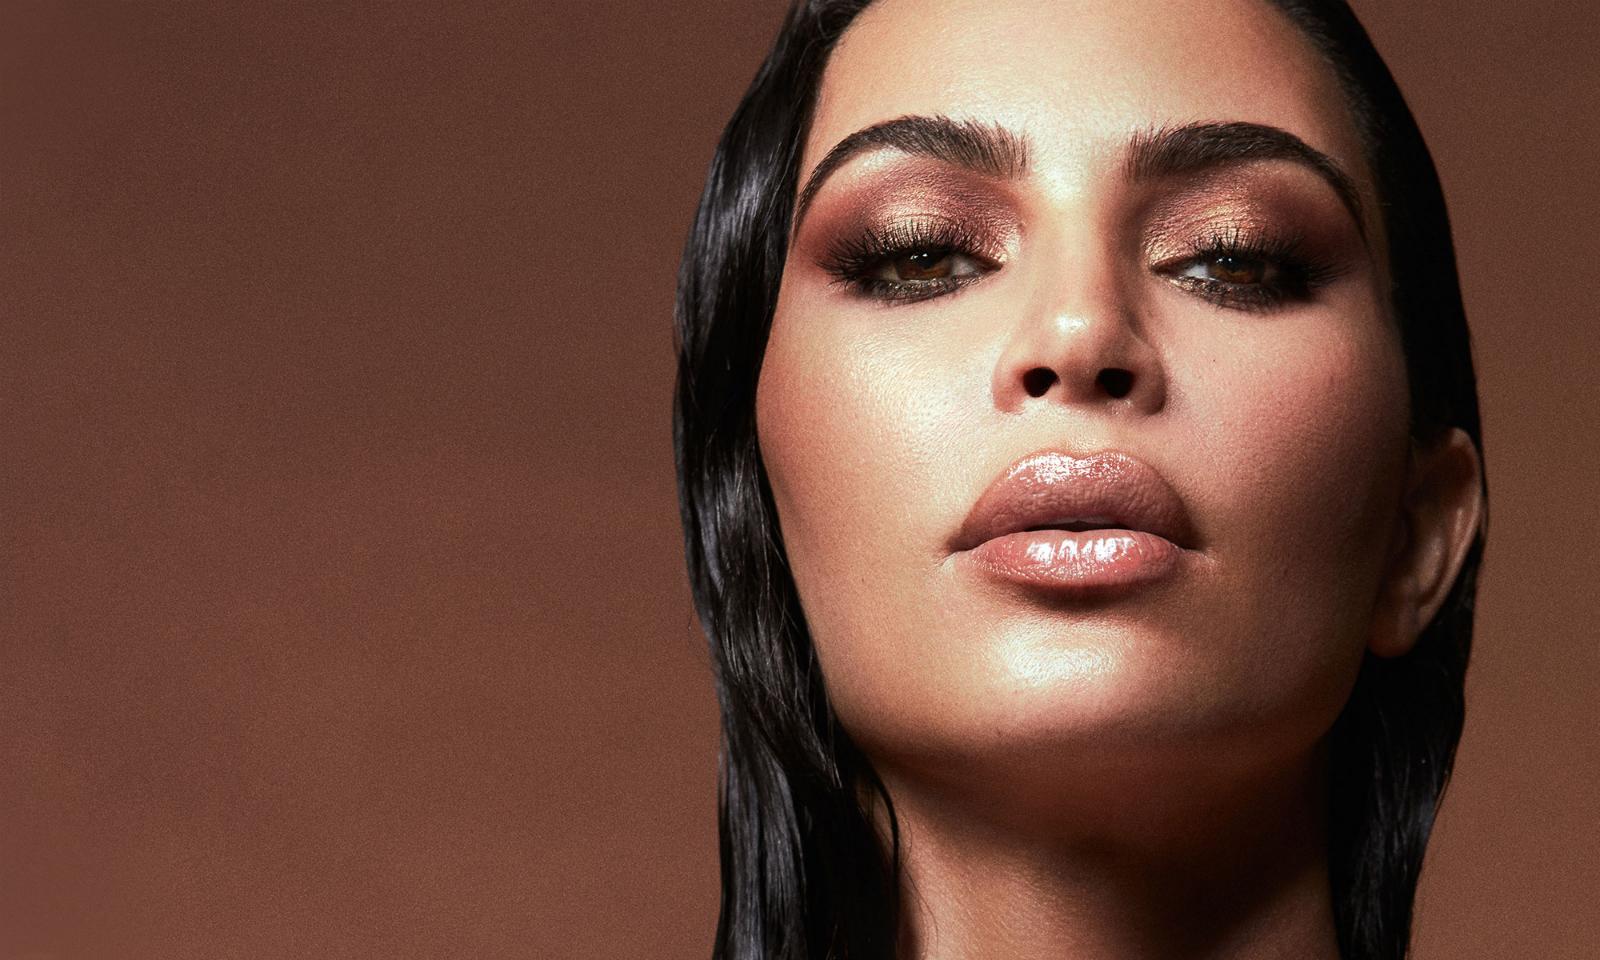 Kim Kardashian 美妆与 Coty 集团达成 2 亿美元的部分股权收购交易